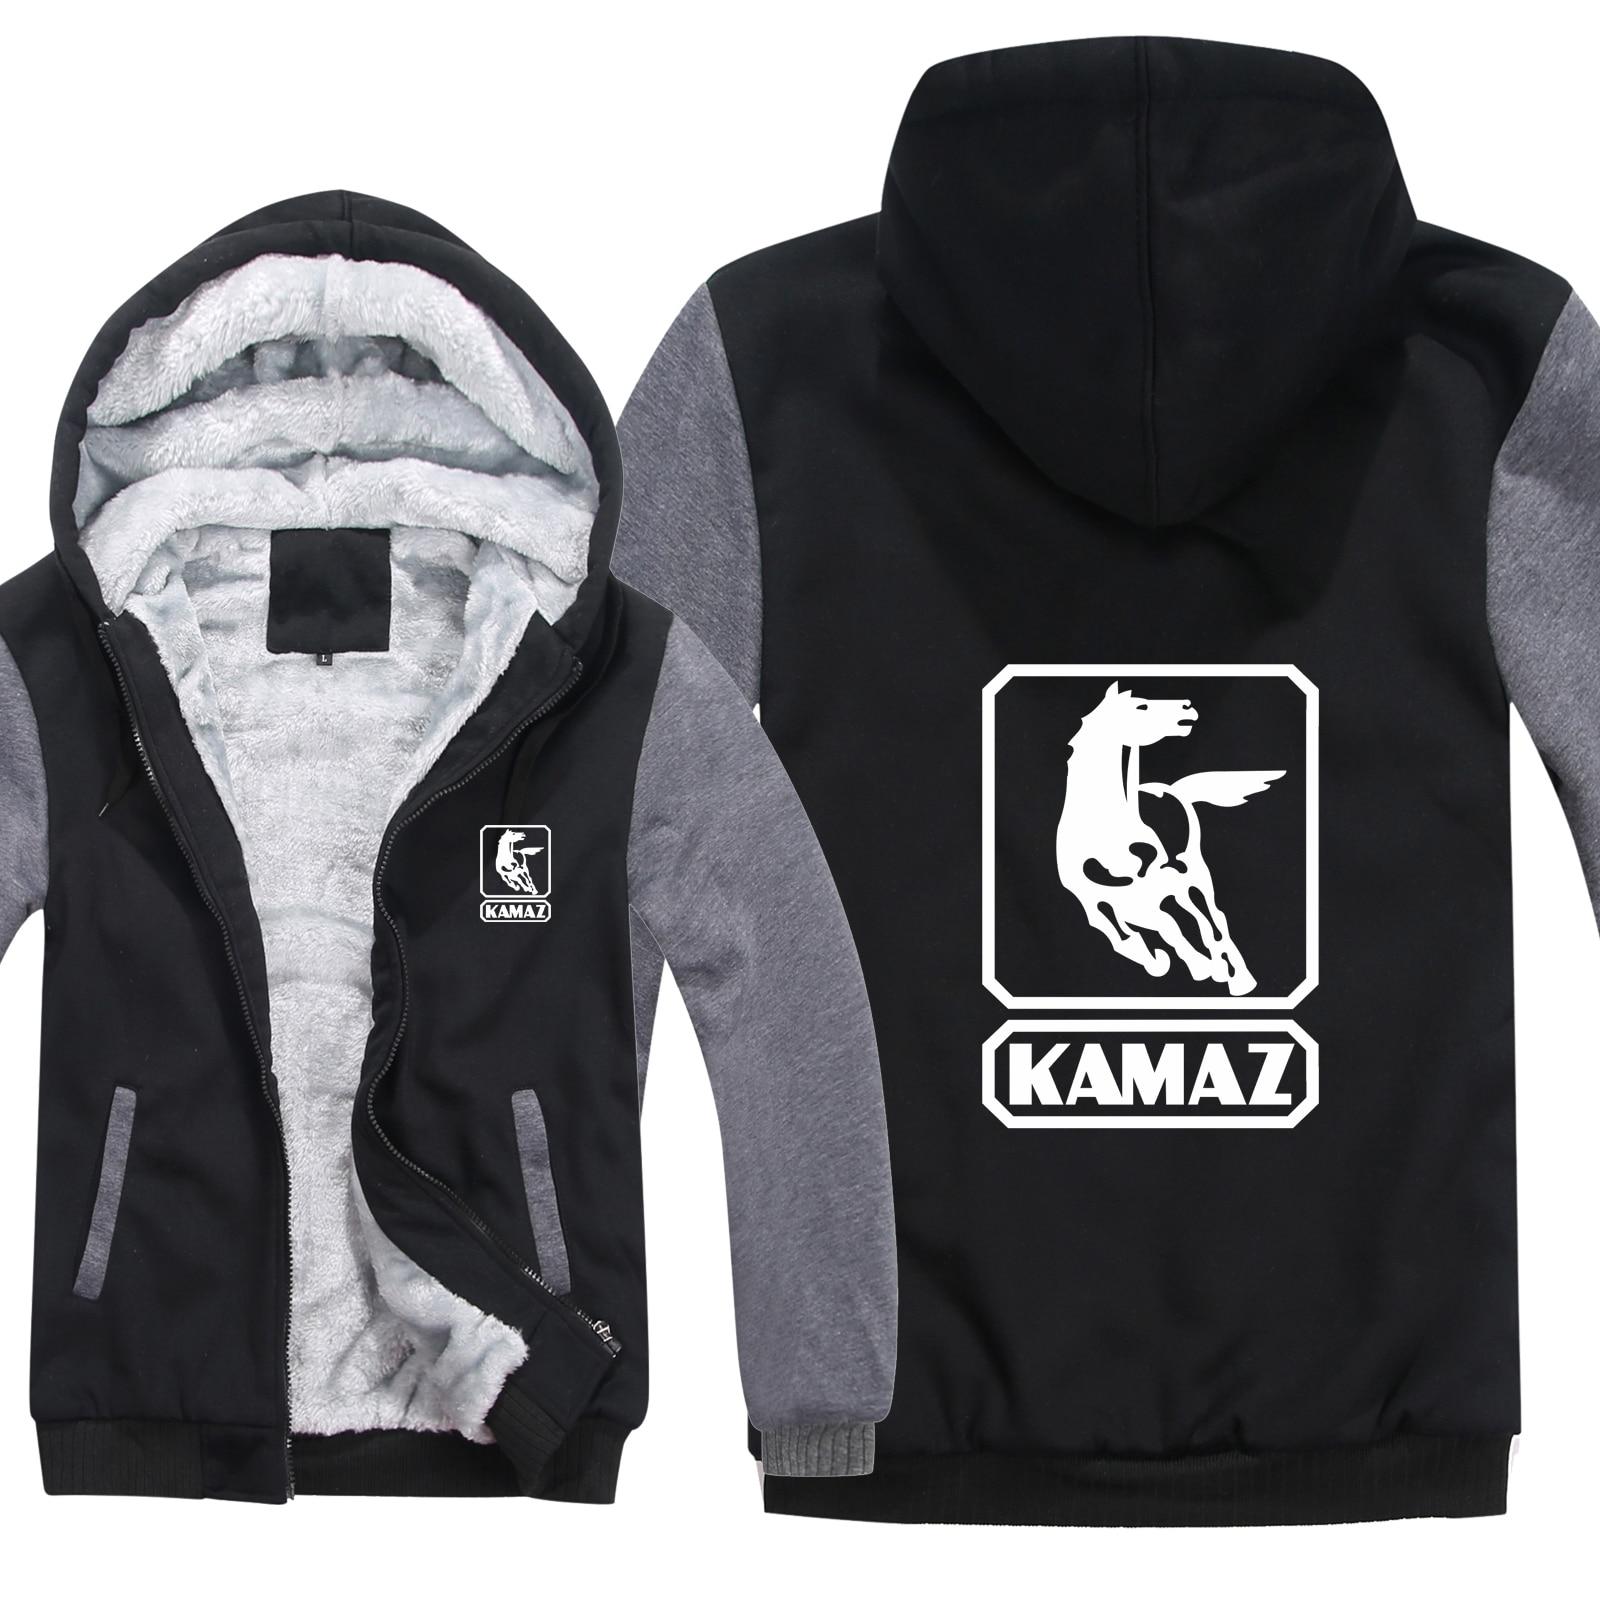 Kamaz Truck Hoodies Men Casual Coat Wool Liner Jacket Kamaz Truck Sweatshirts Mans Pullover HS-032